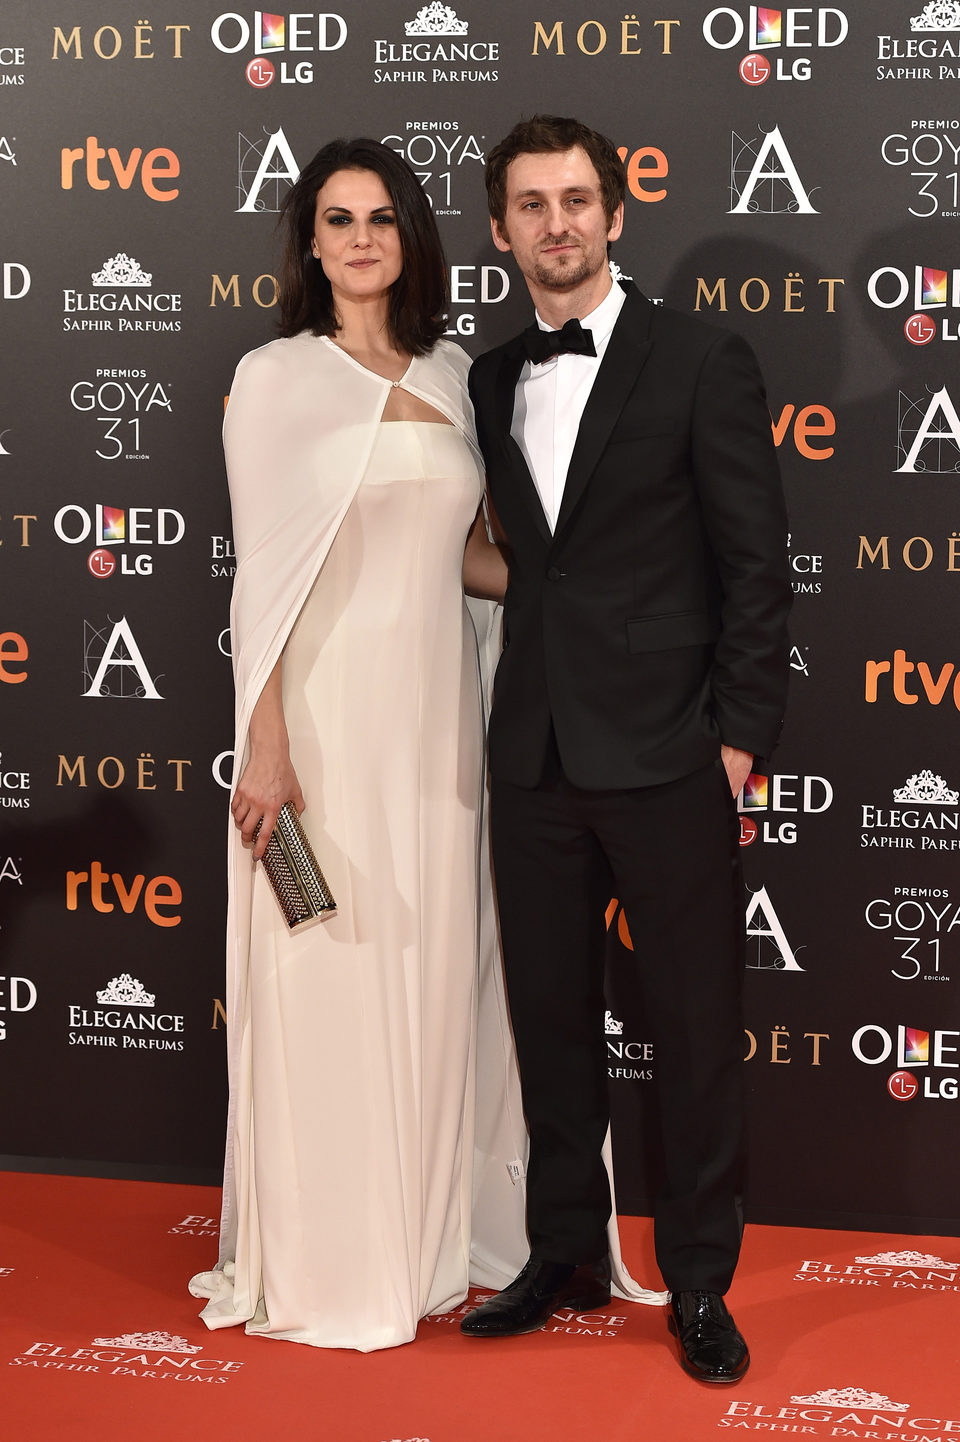 El director Raúl Arévalo, nominado a Mejor director novel, con Melina Matthews en la alfombra roja de los Premios Goya 2017